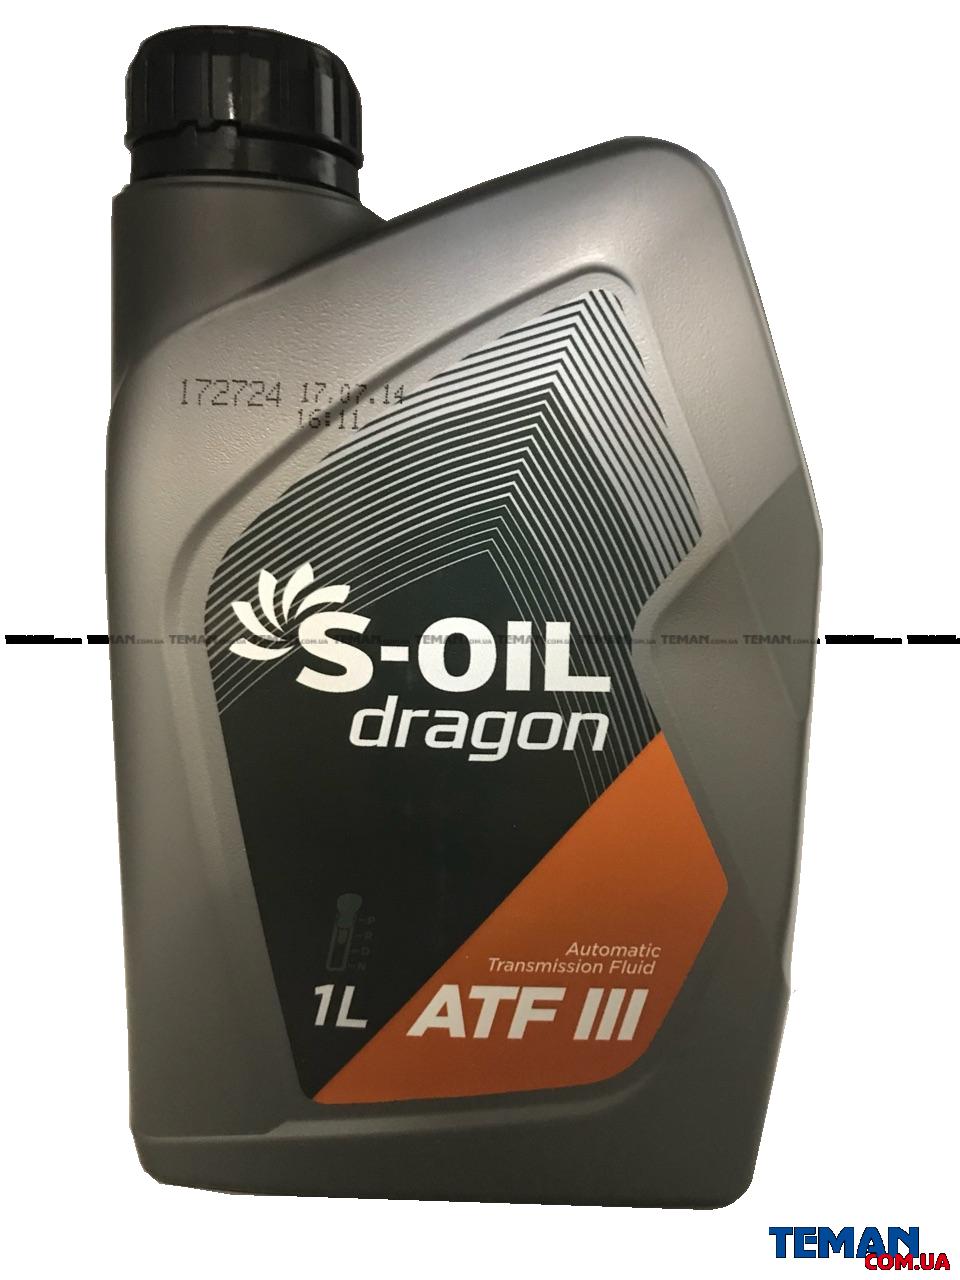 Синтетическое трансмисионное масло DRAGON ATF III, 1л